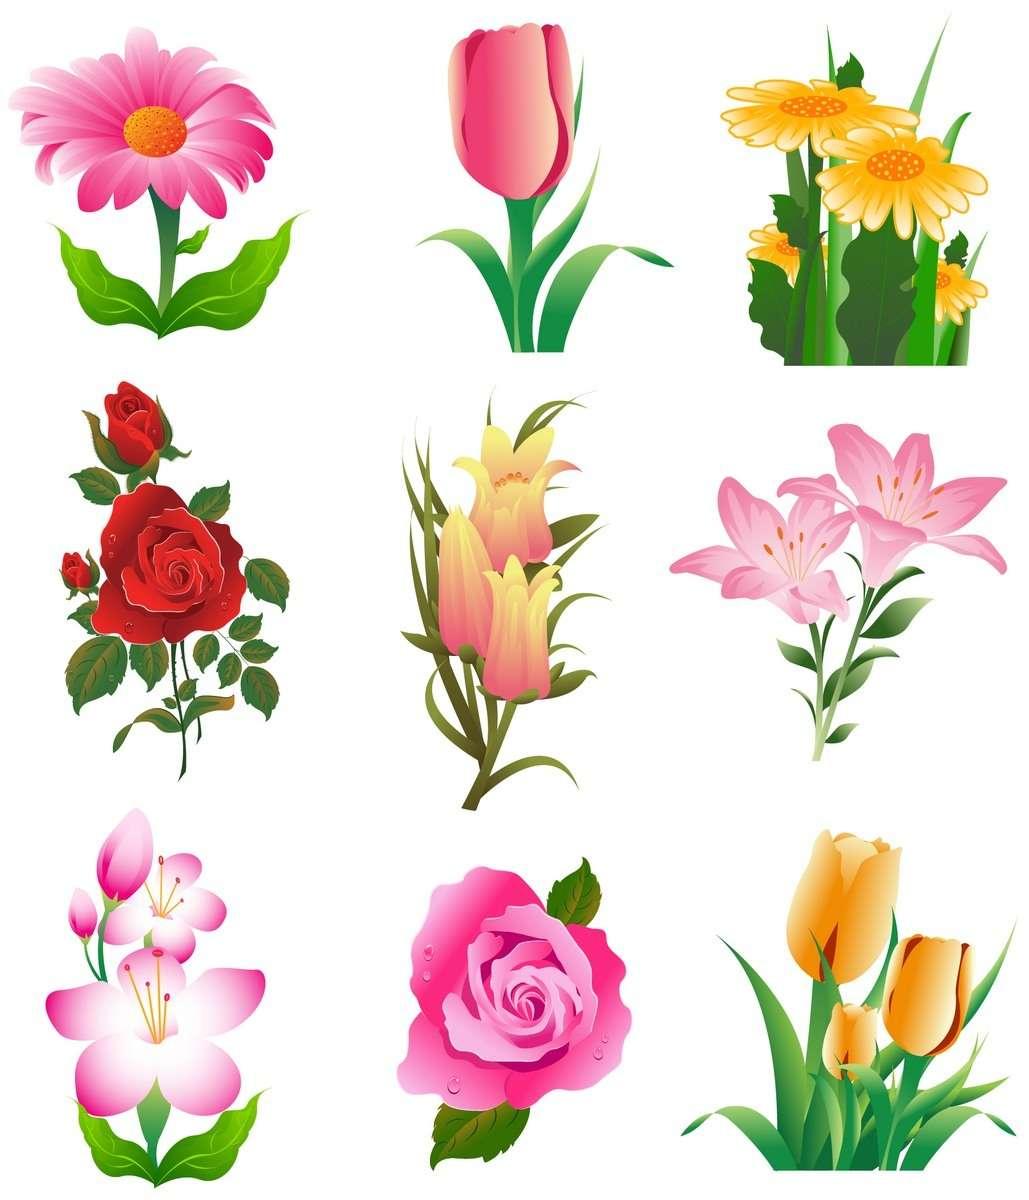 Flower, Rose, Tulip